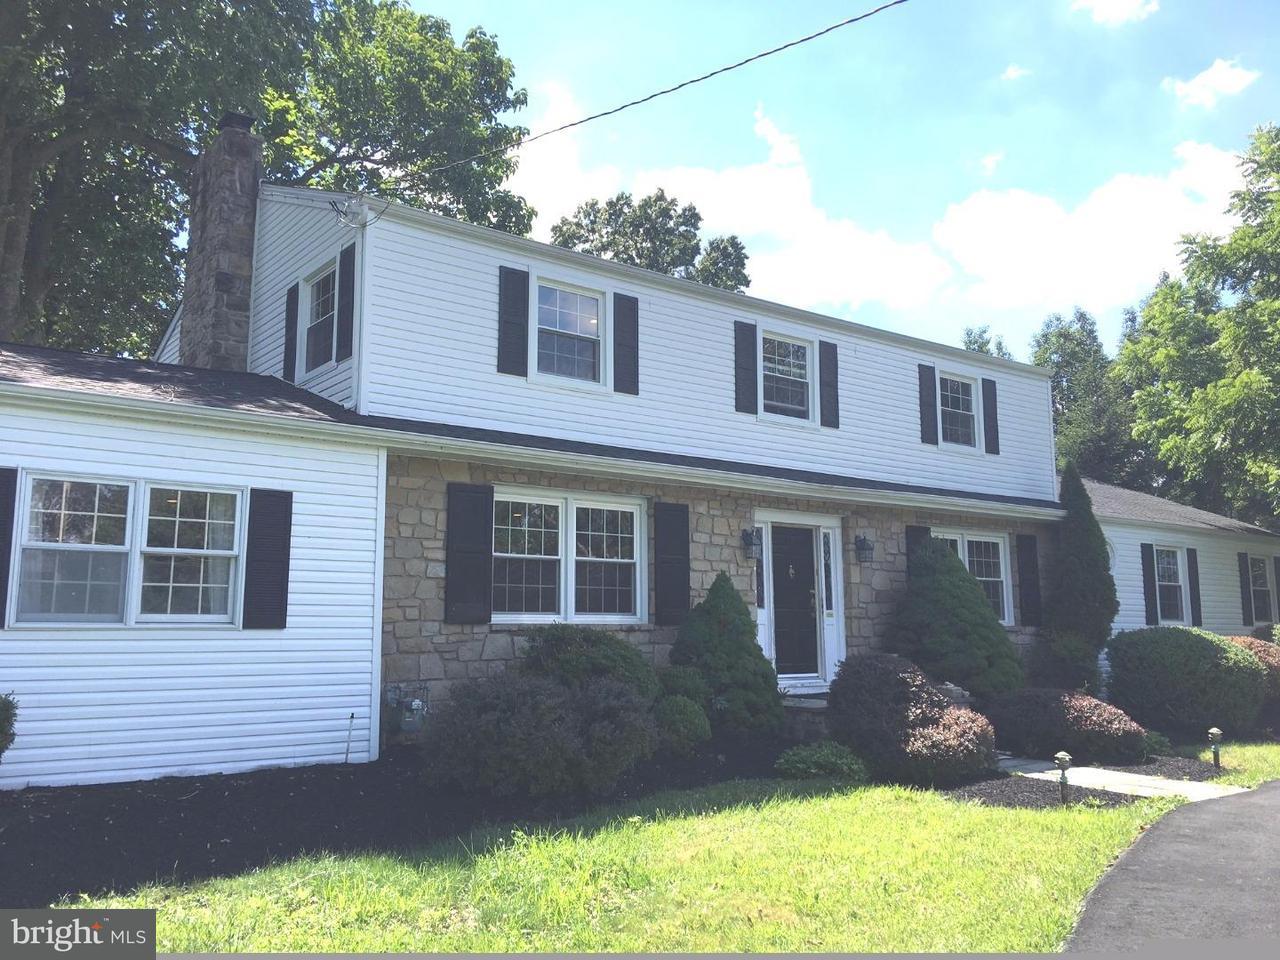 Casa Unifamiliar por un Alquiler en 1801 YARDLEY Road Yardley, Pennsylvania 19067 Estados Unidos